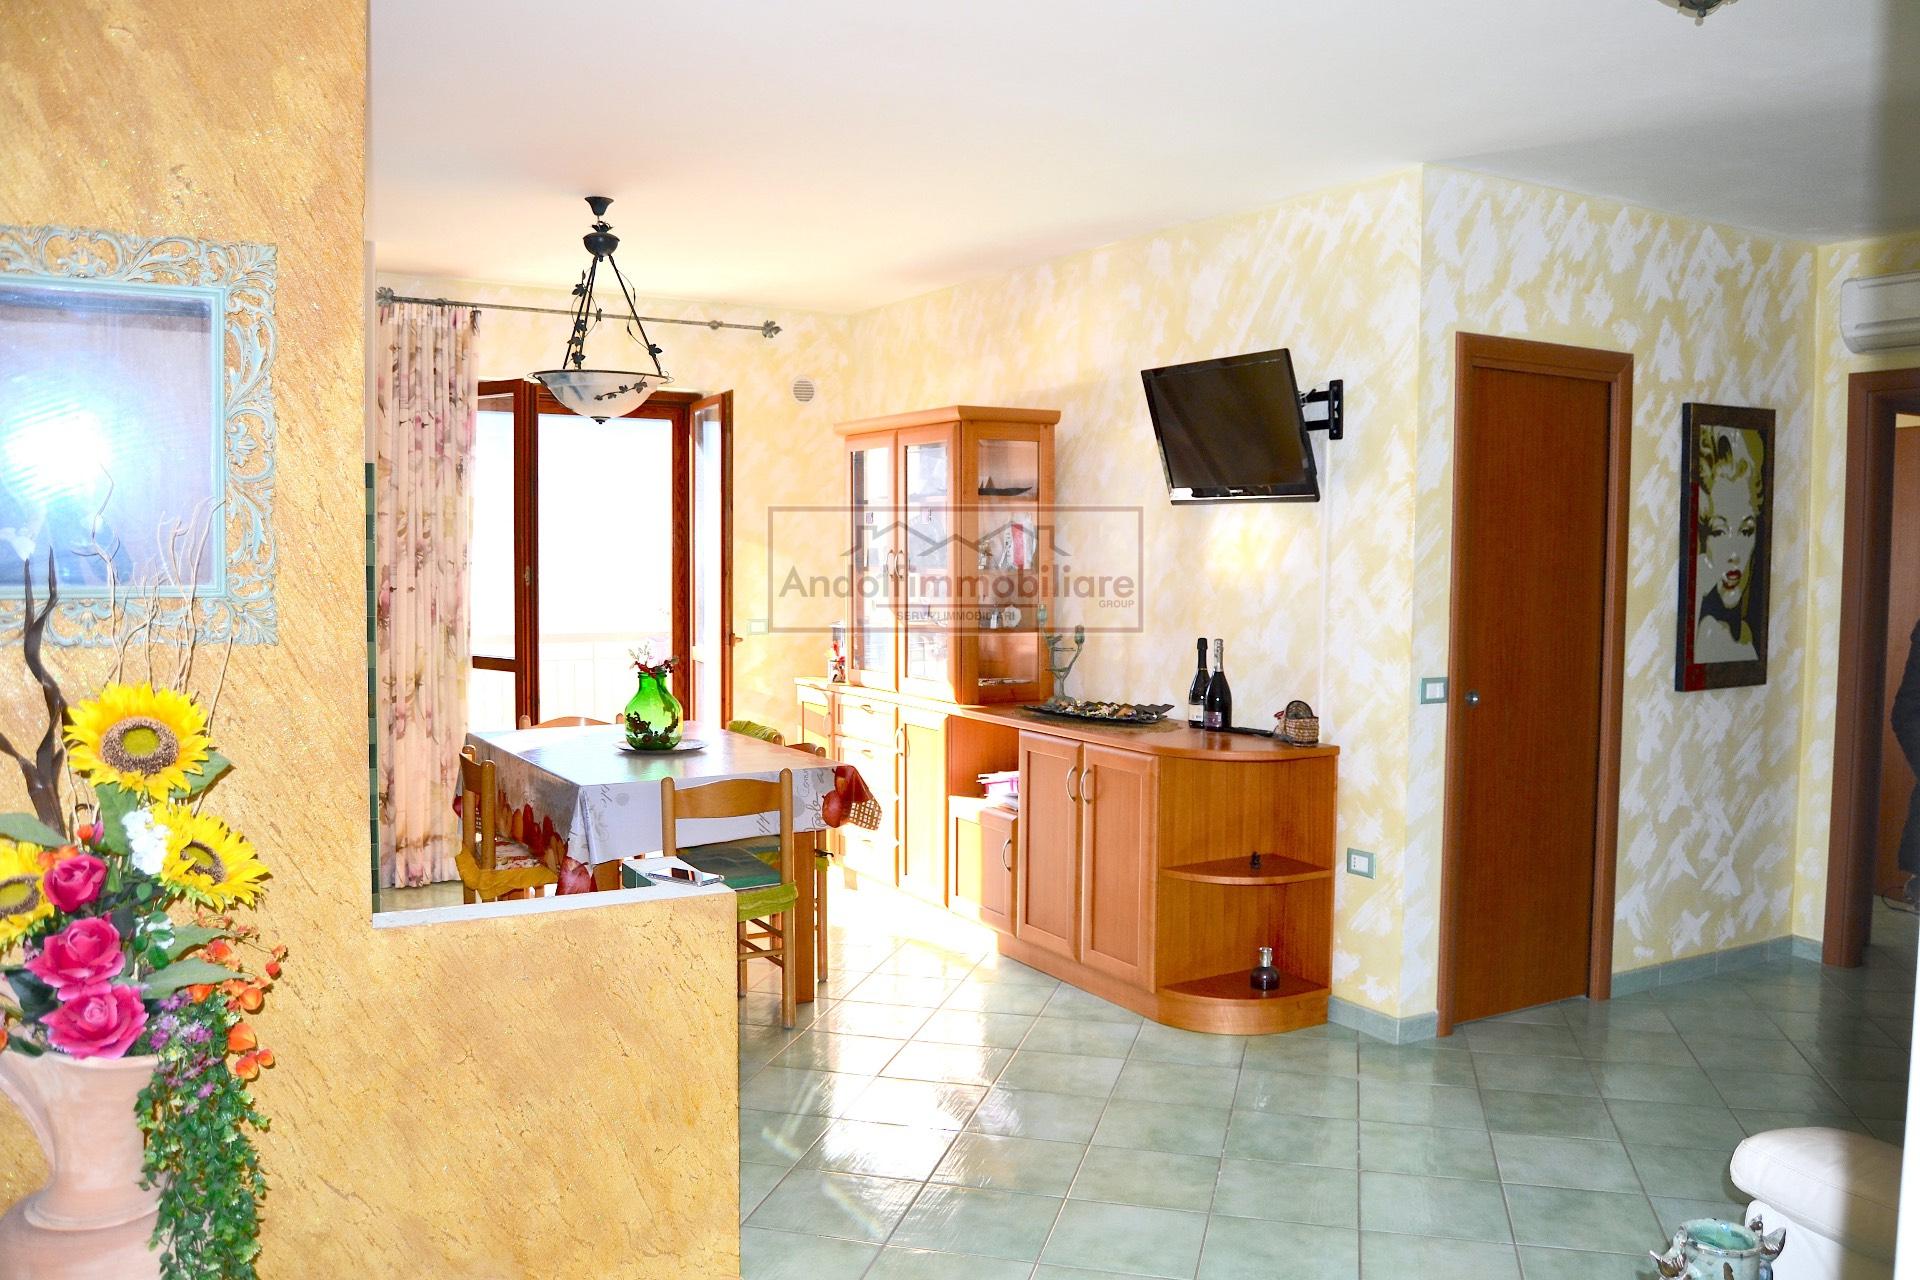 Foto - Appartamento In Vendita Itri (lt)